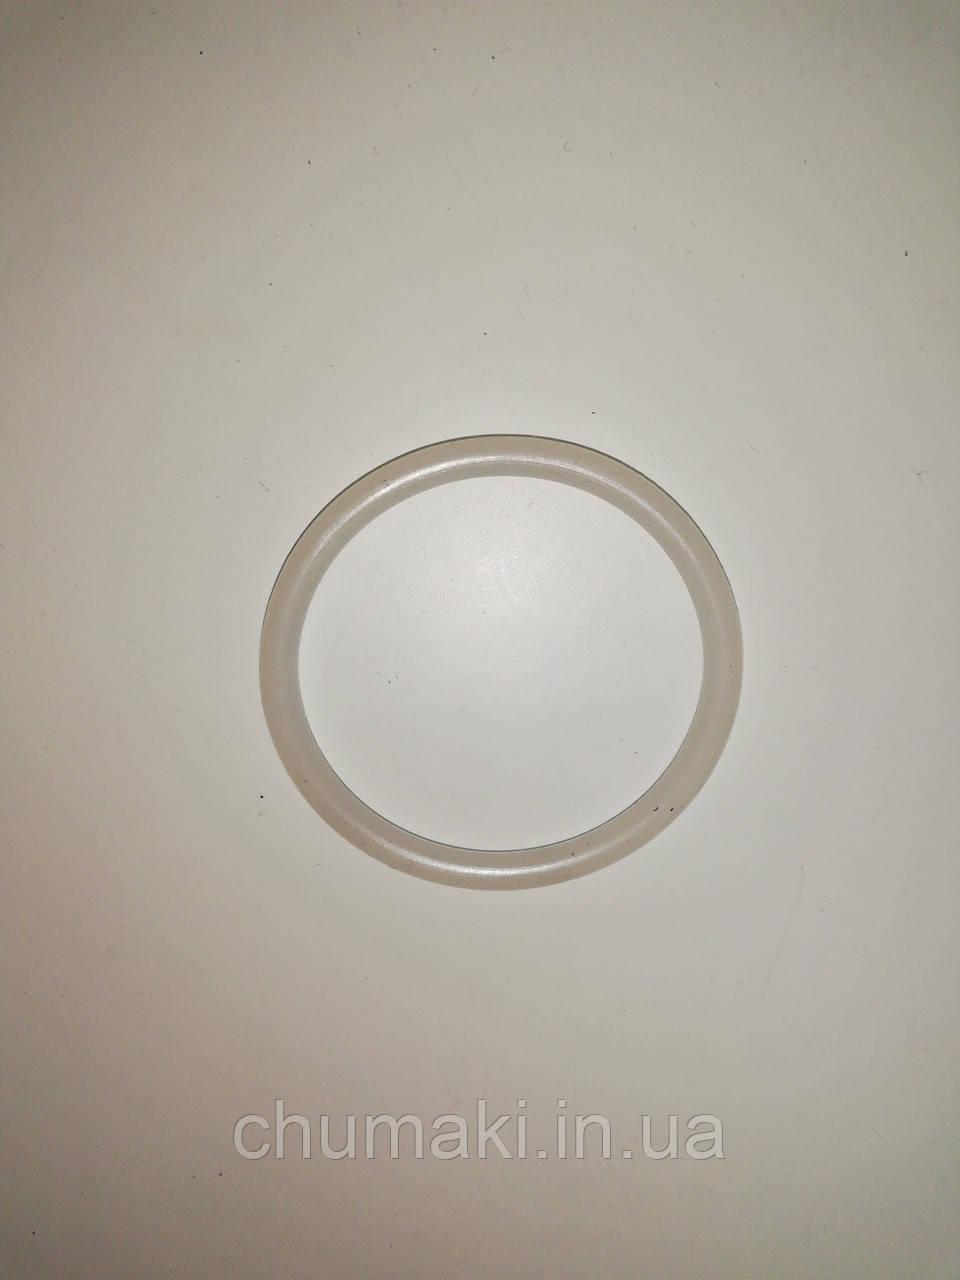 Кільце ущільнююче силіконове Кільце ущільнююче силіконове